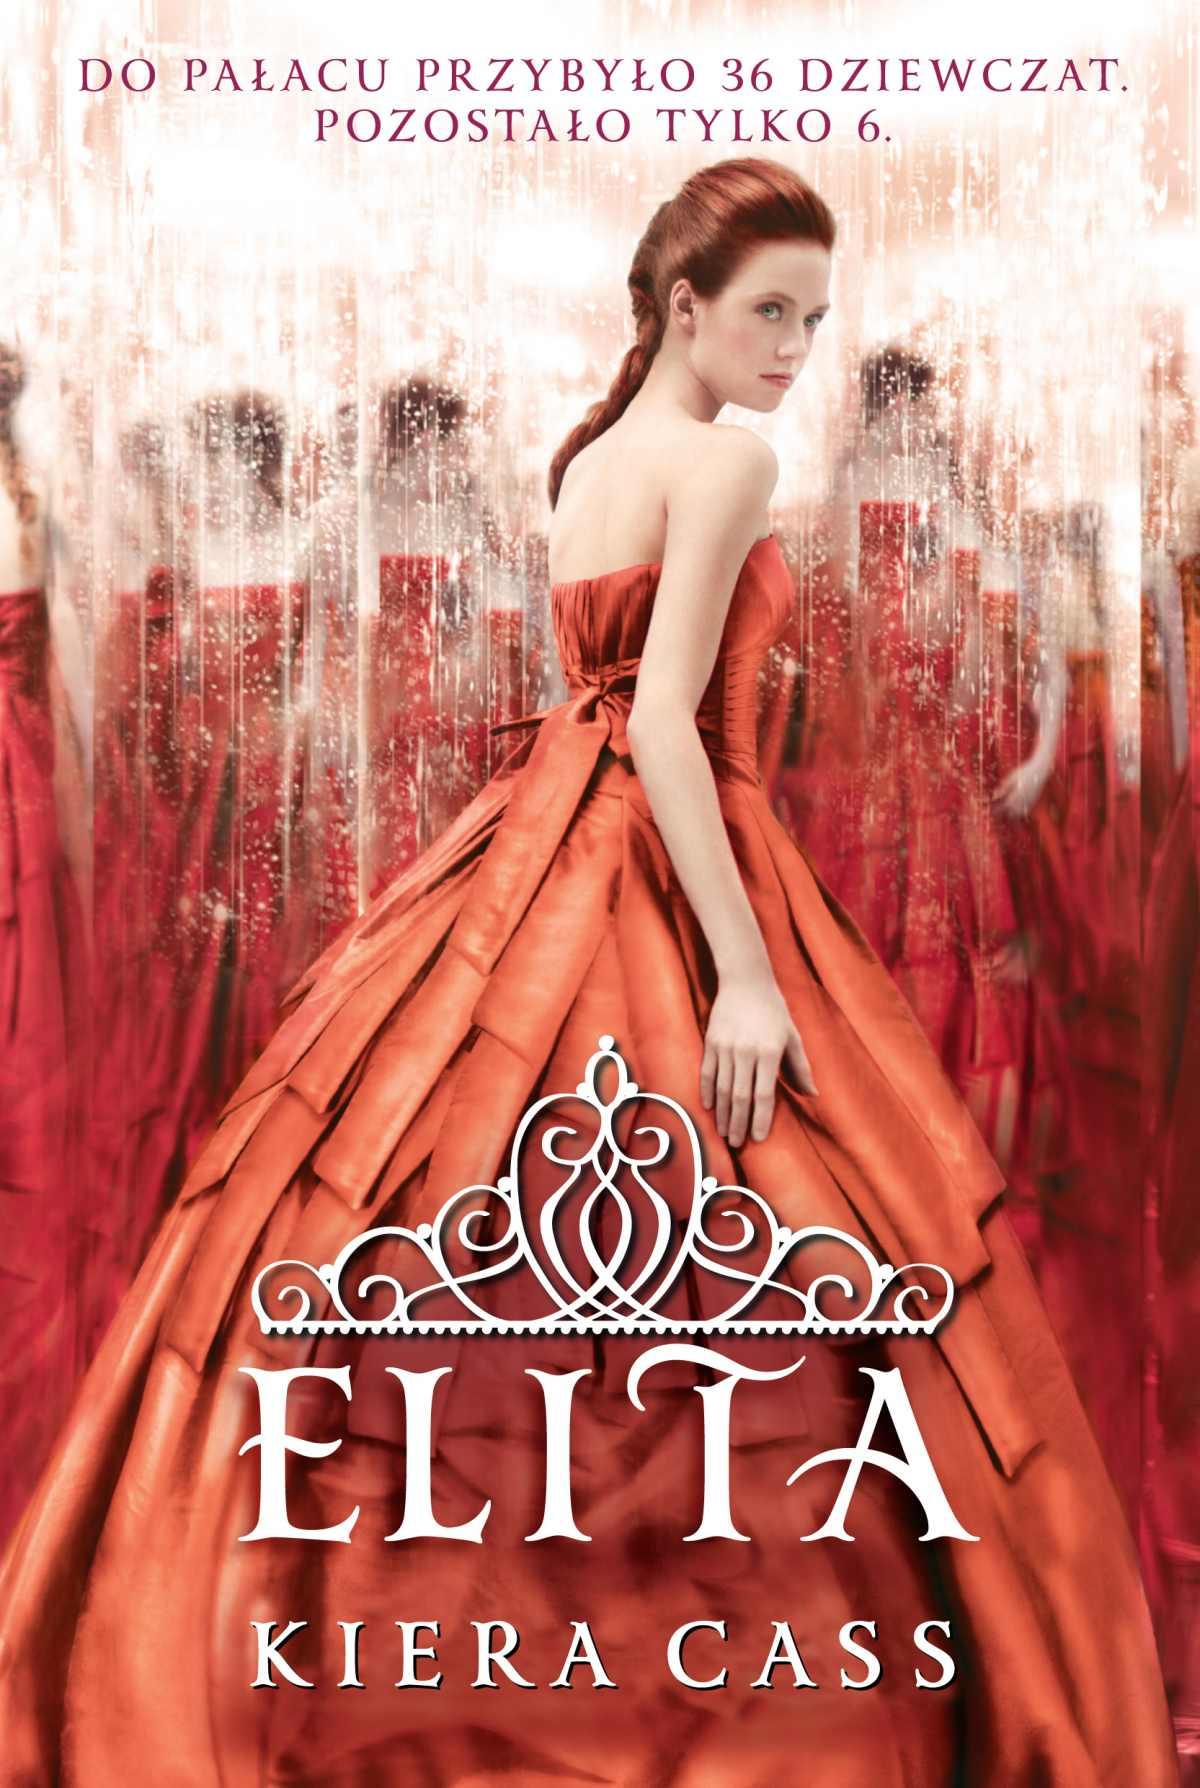 Elita - Ebook (Książka EPUB) do pobrania w formacie EPUB